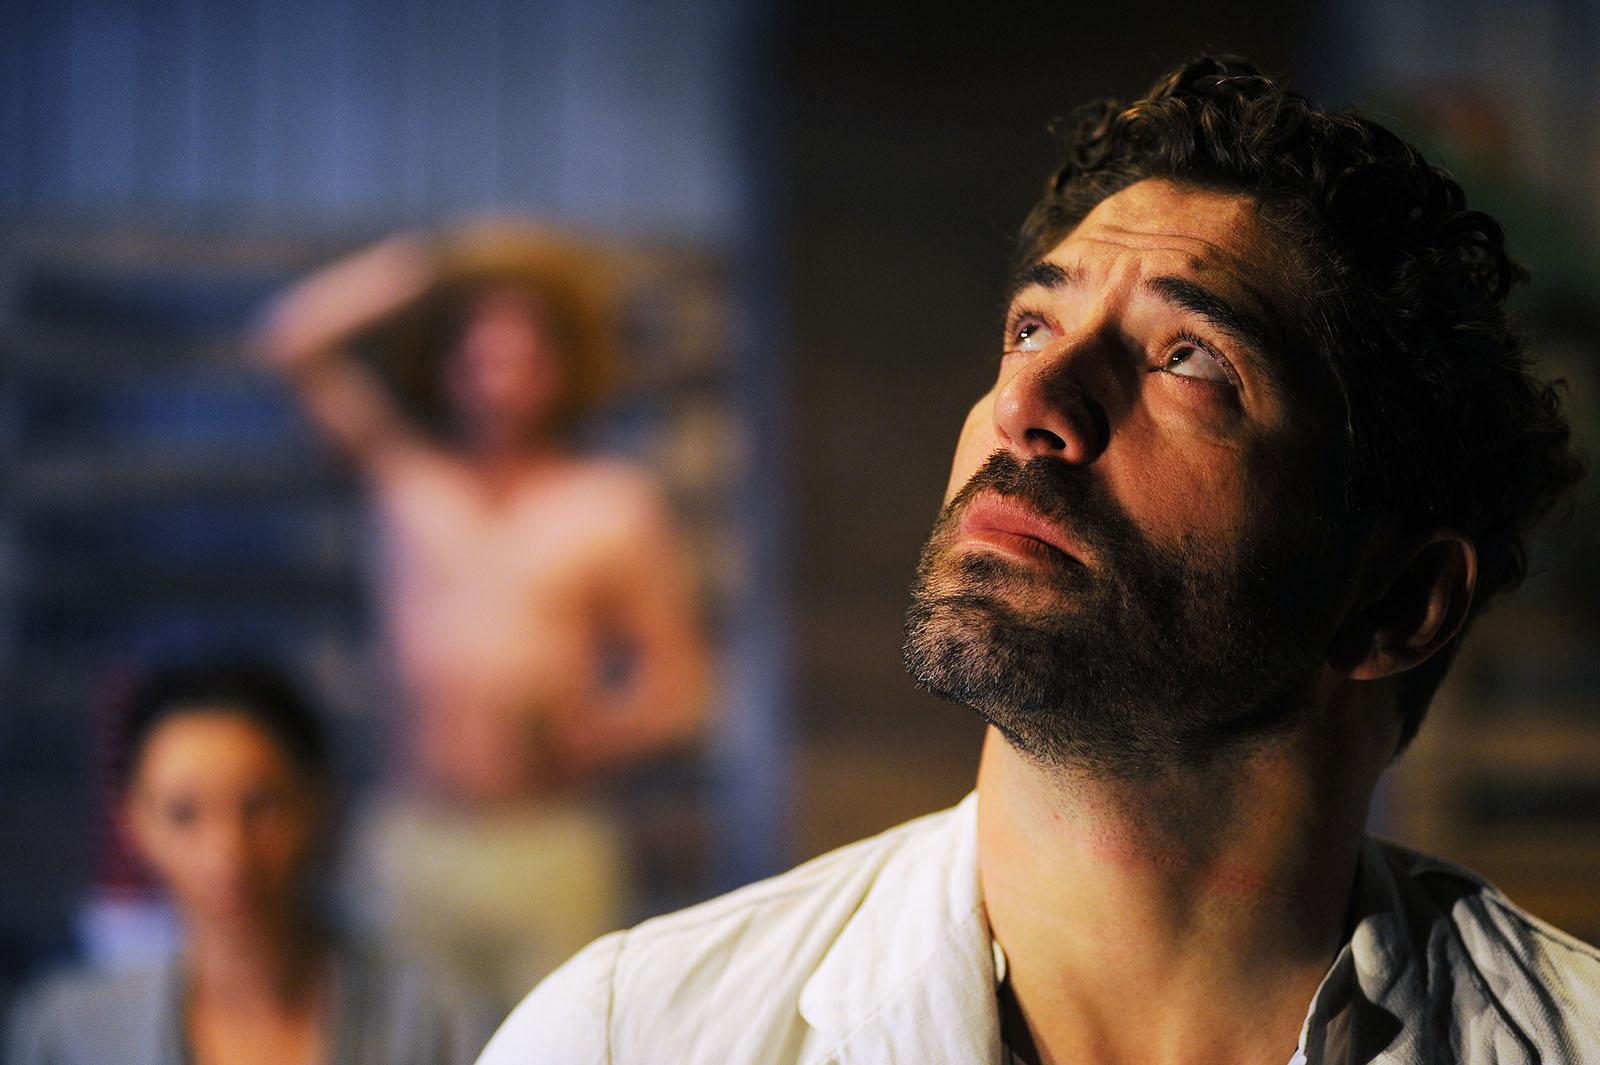 PÚBLICO - A fragilidade dos homens em Tennessee Williams